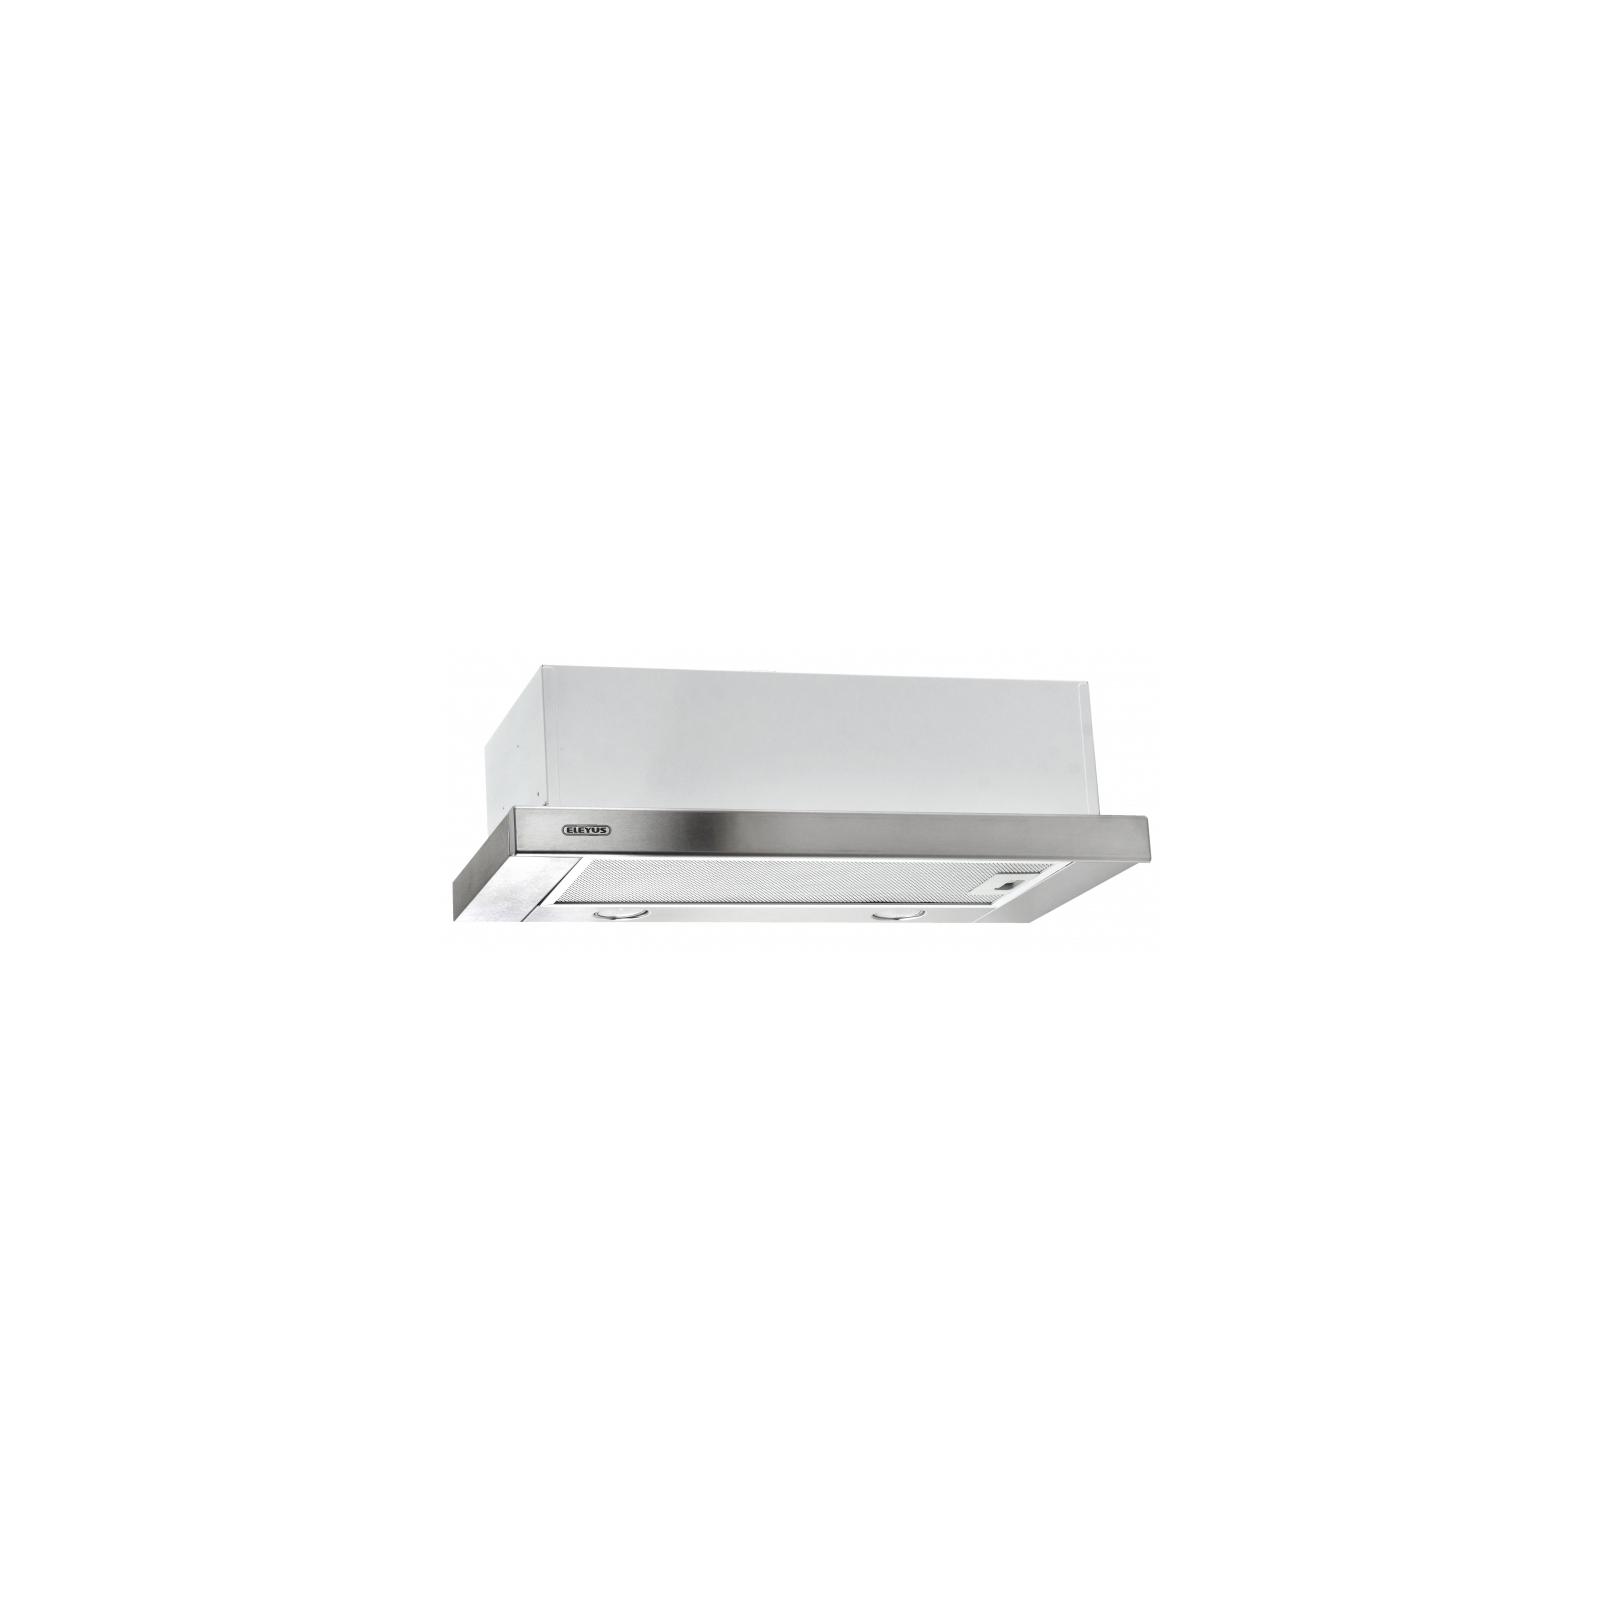 Вытяжка кухонная ELEYUS Storm 960 50 IS изображение 5